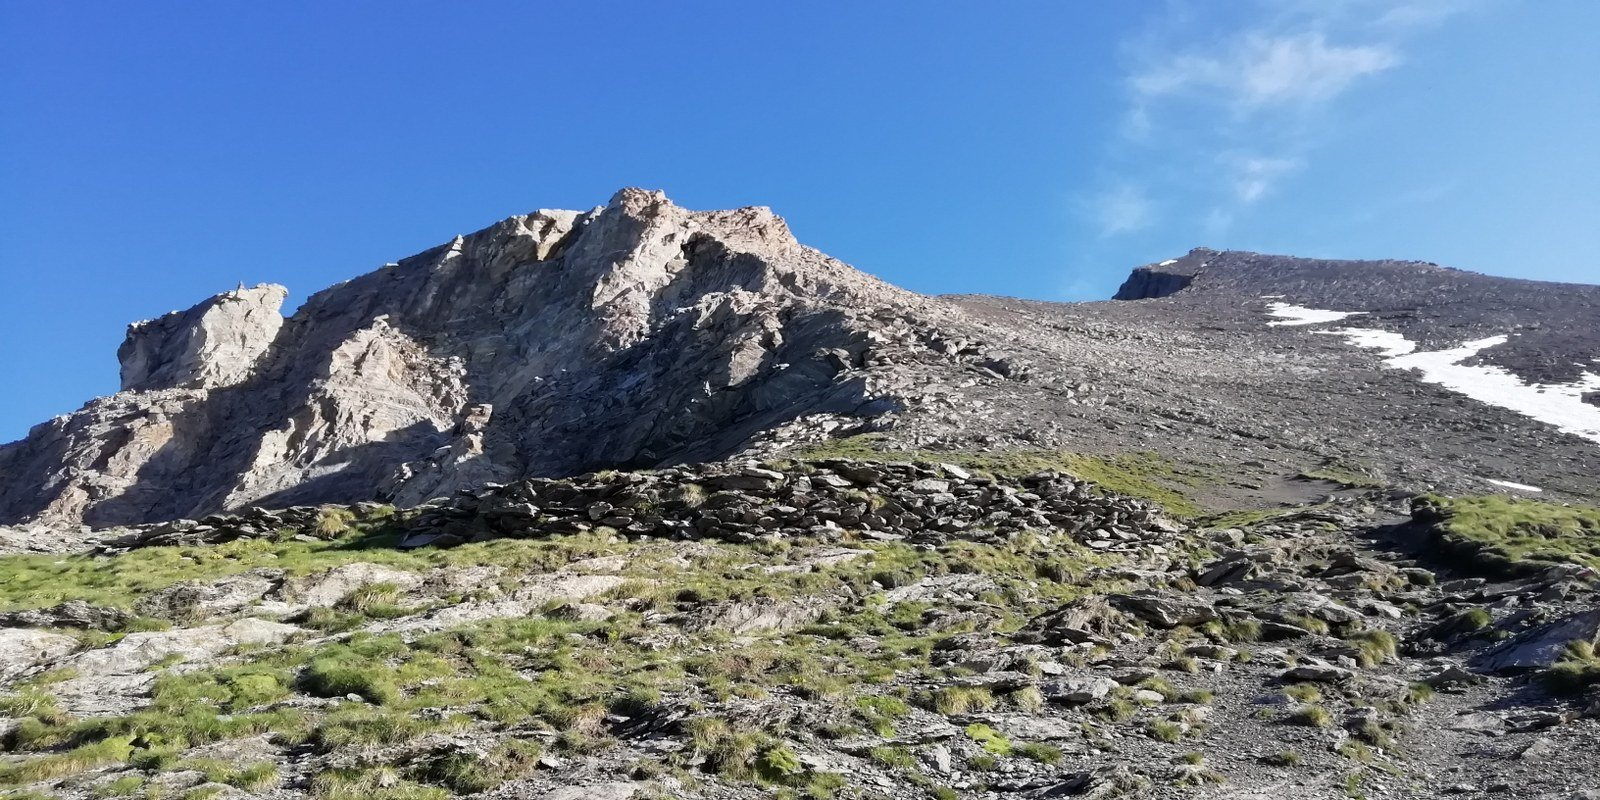 Appena dietro il Ca d'Asti inizia la cresta